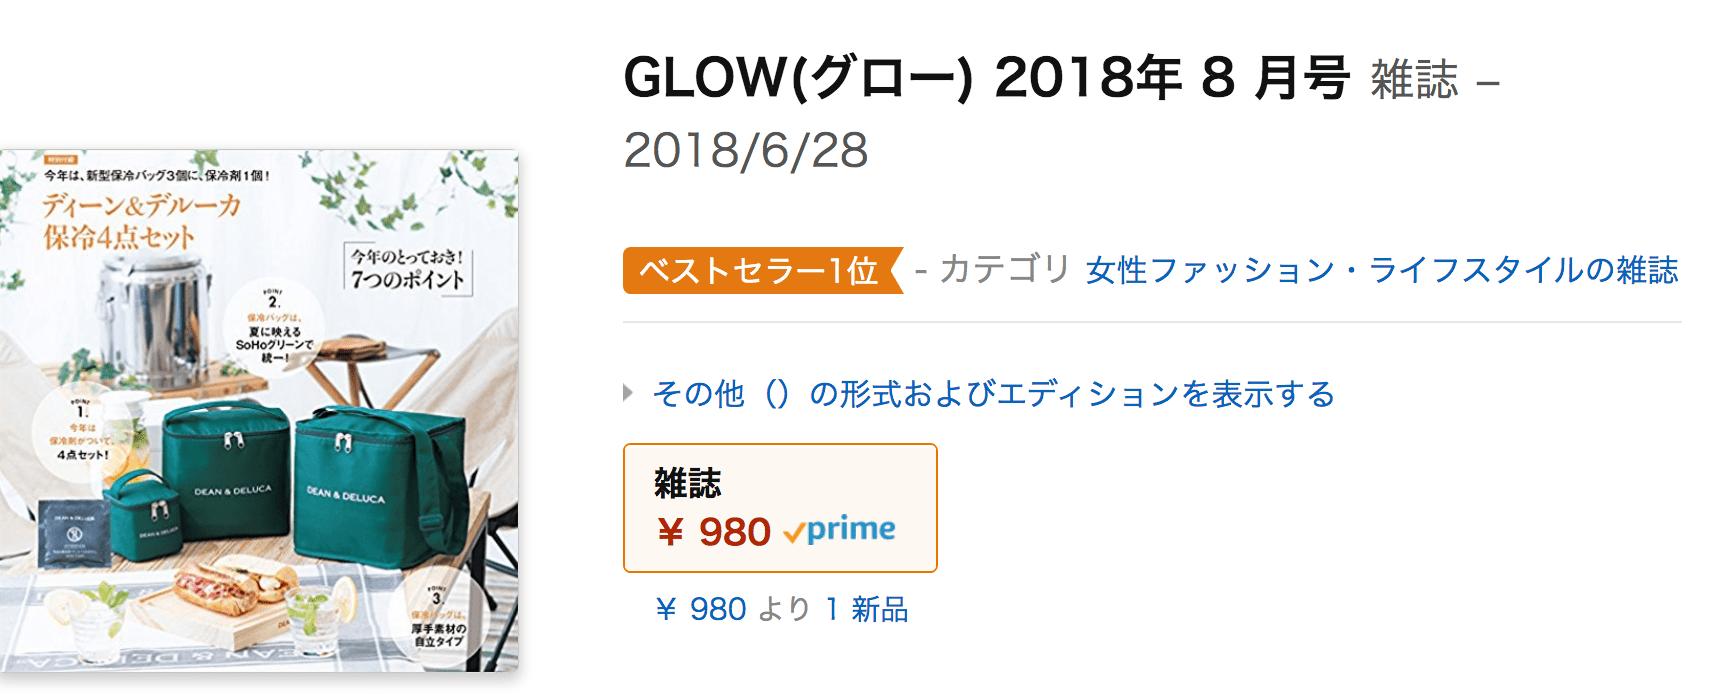 DEAN & DELUCA保冷バッグ付の雑誌GLOW(グロー)はどこで変える?通販Shopリスト